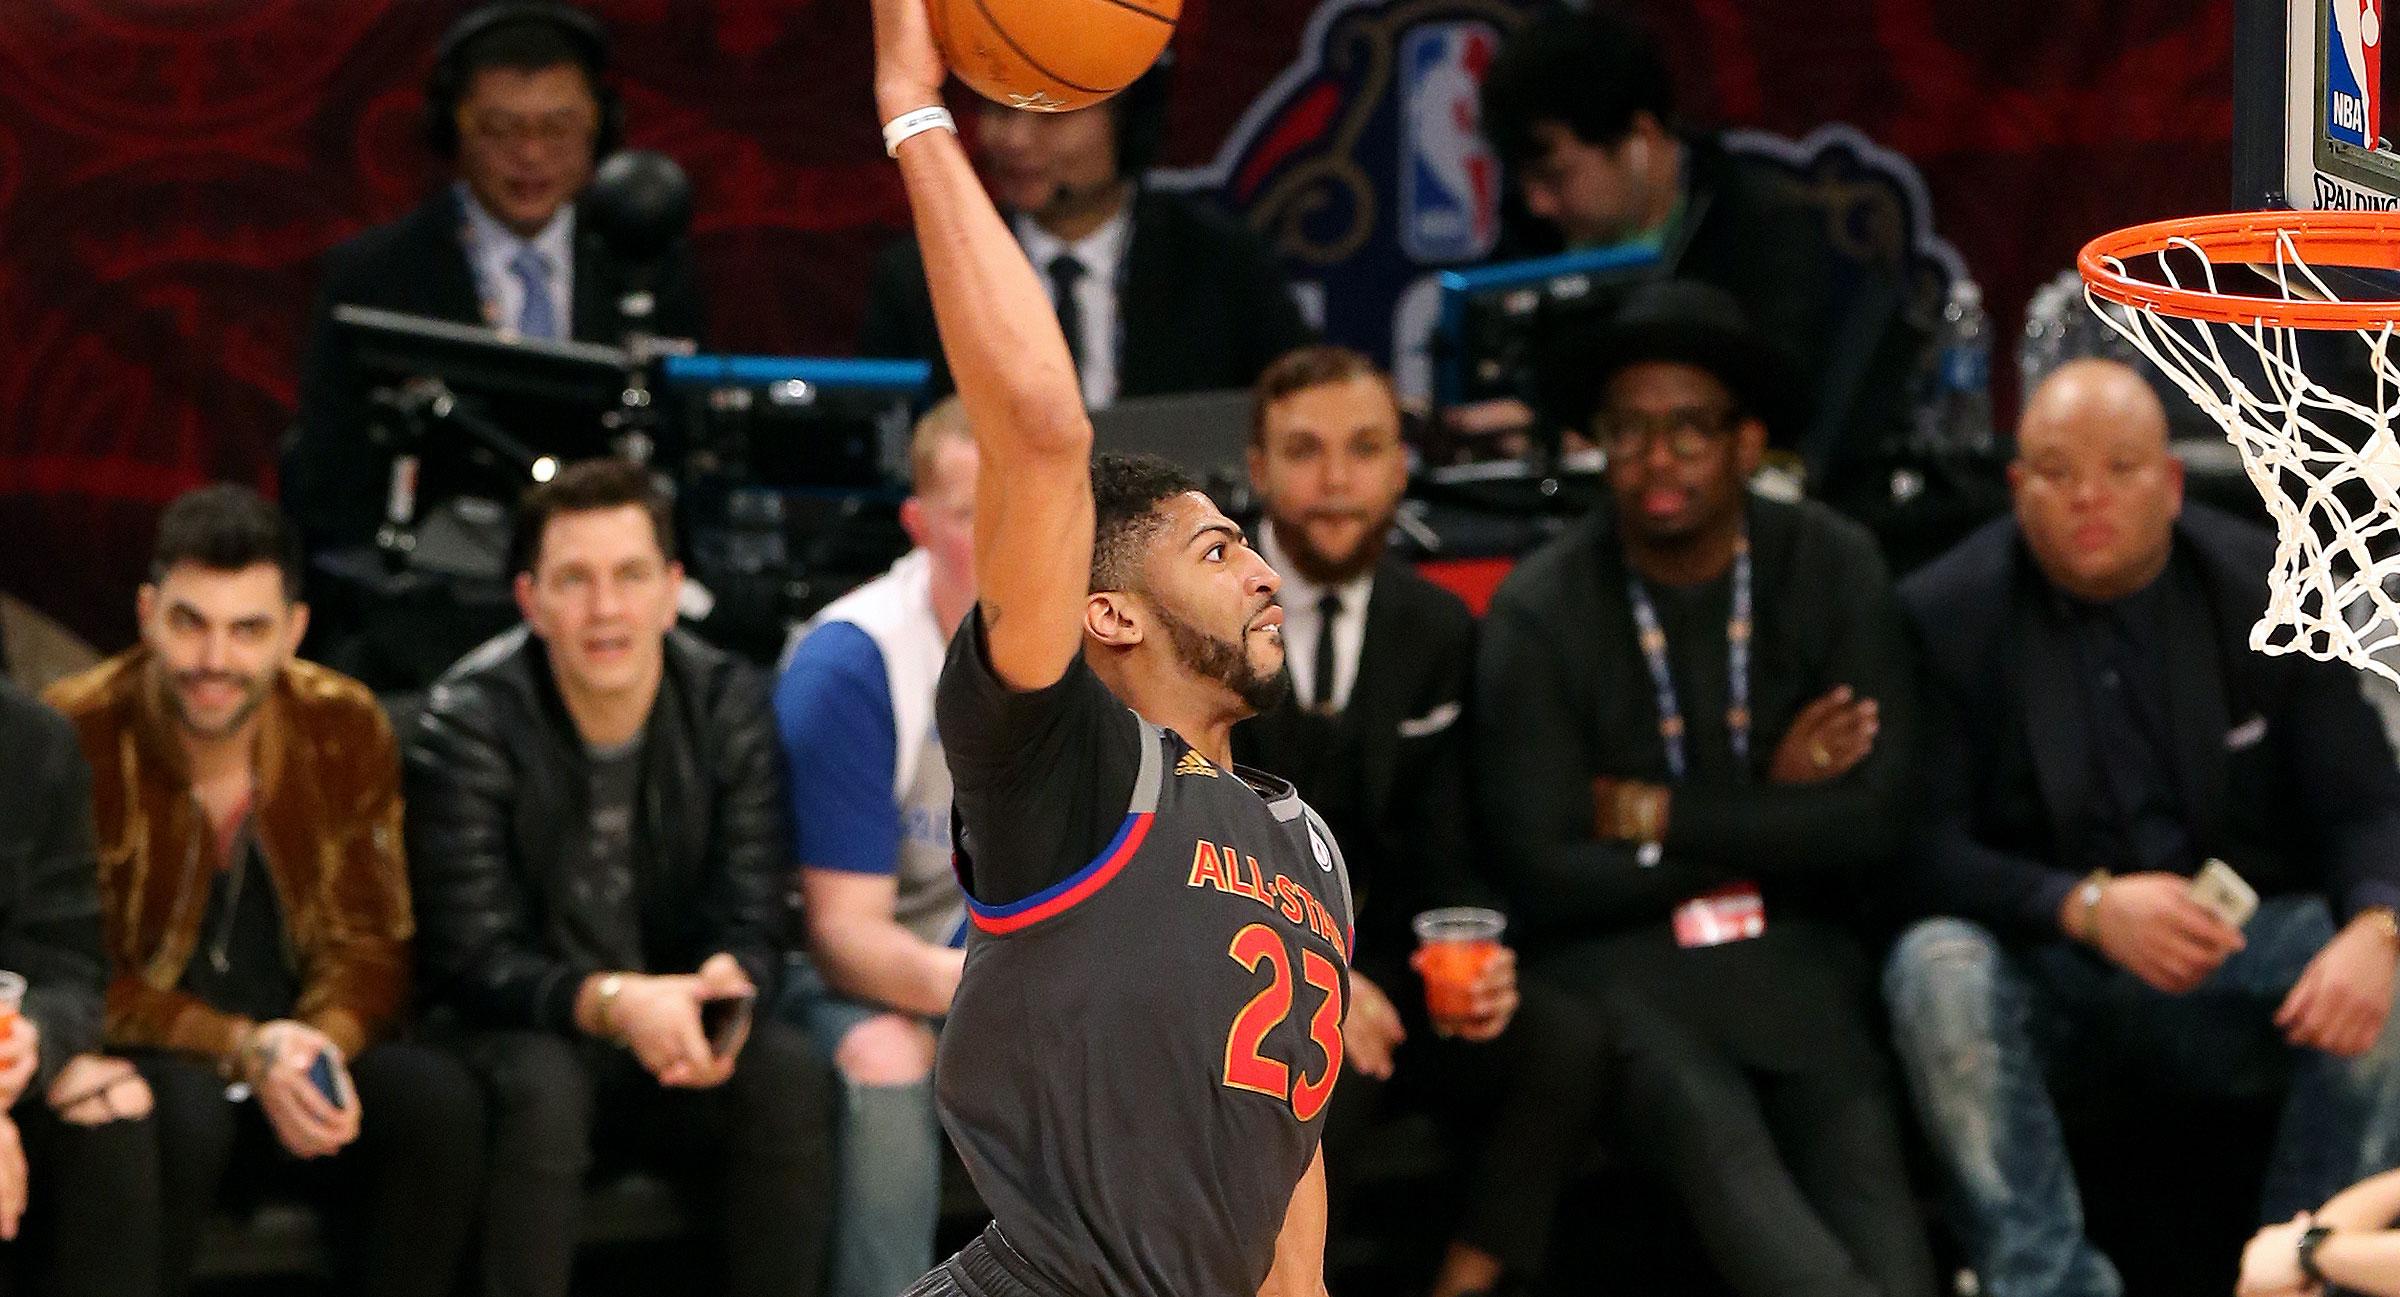 Historia reciente del All Star Game de la NBA. Anthony Davis, récord de puntos.